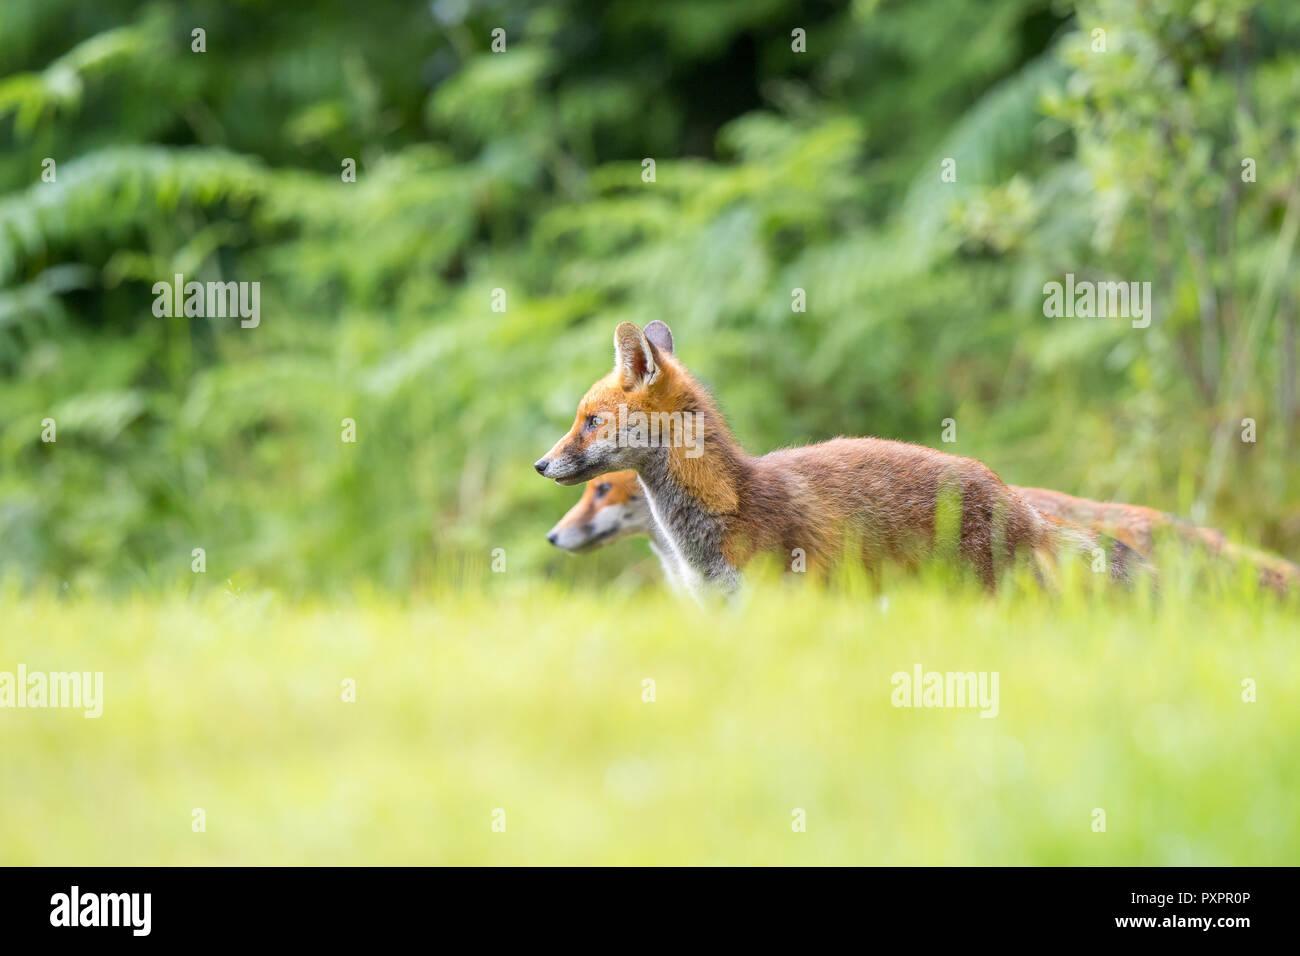 Low angle, vue latérale des deux jeunes sauvages, des renards roux (Vulpes vulpes) s'arrêta, côte à côte, alerte dans l'herbe, avec fond bois naturel UK. Photo Stock